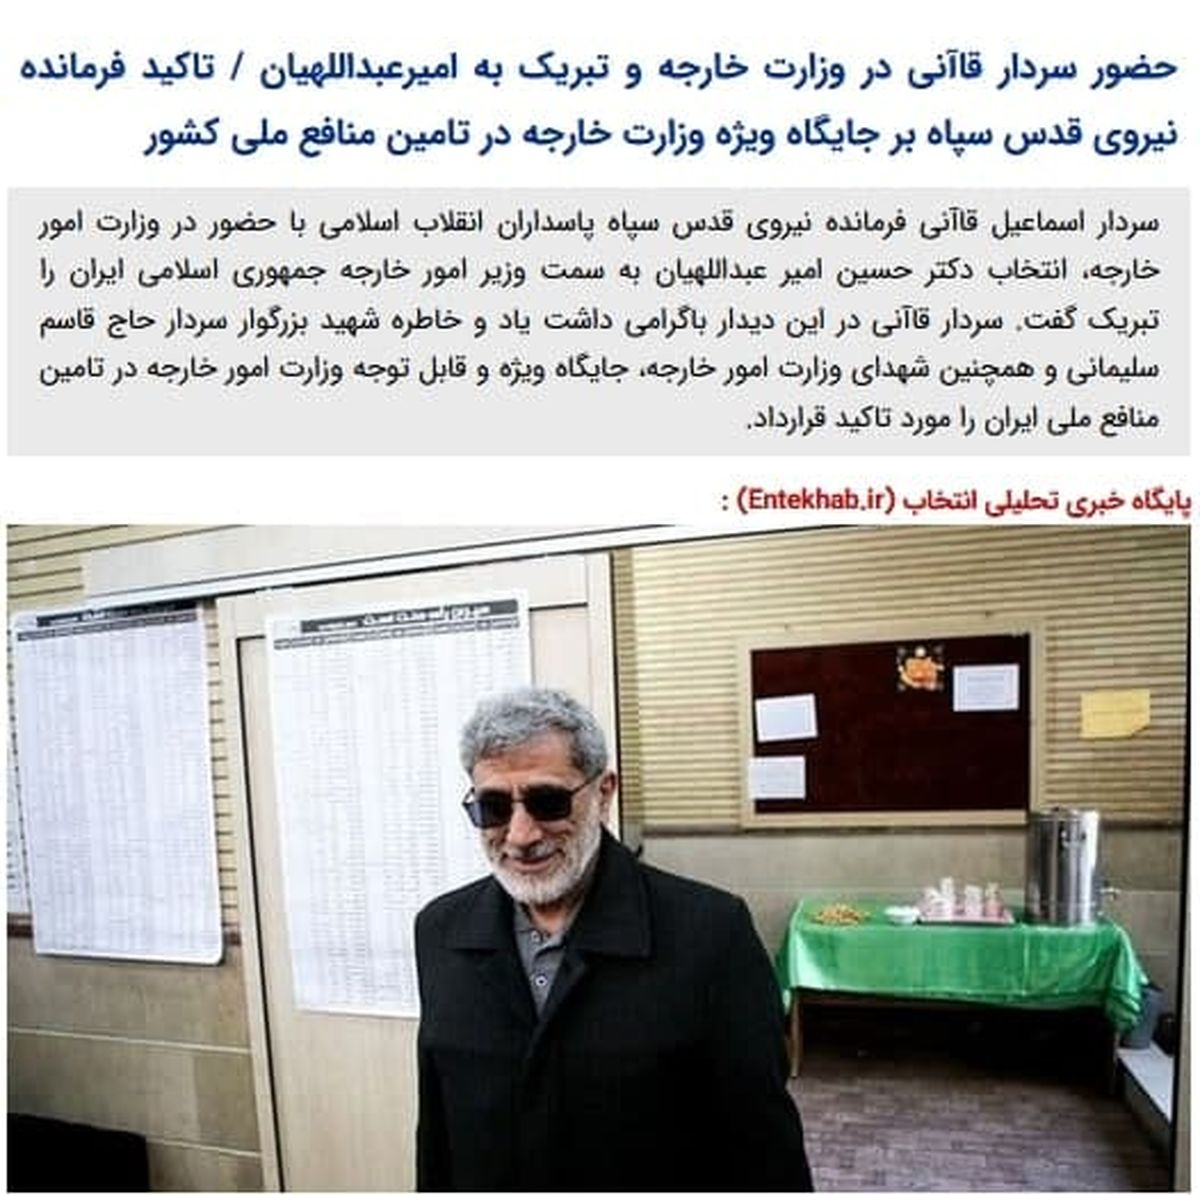 سردار قاآنی به وزارت خارجه رفت +عکس